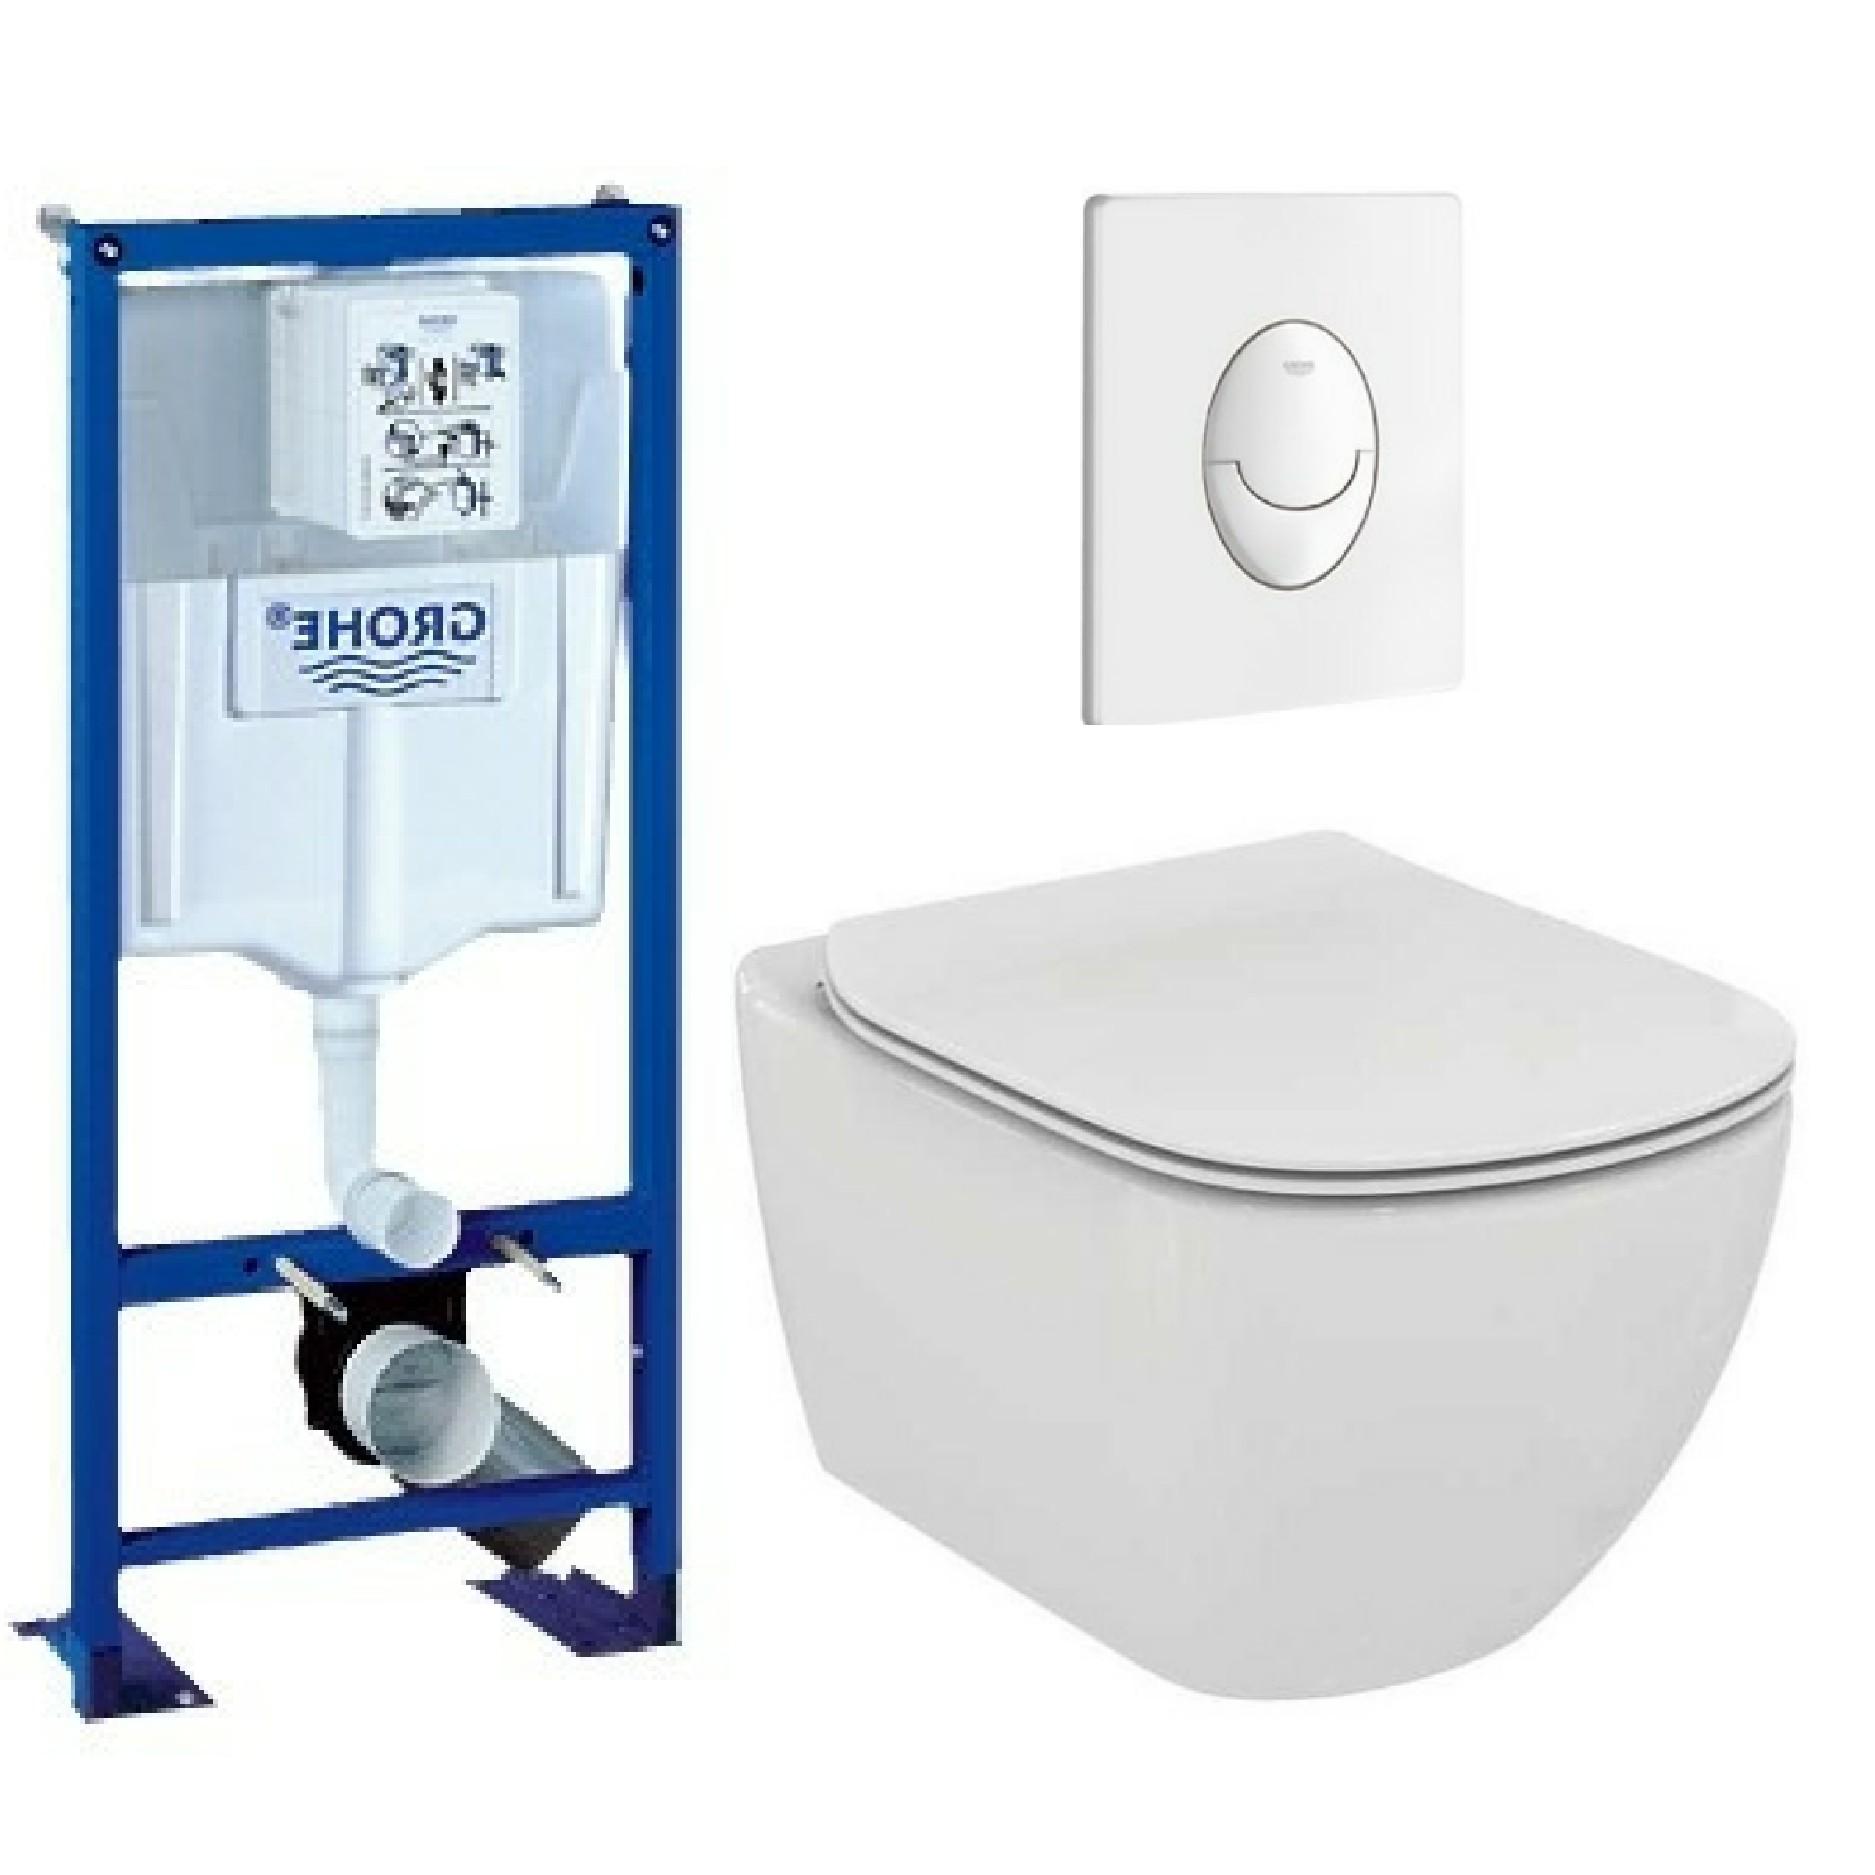 toilette suspendu sans bride cool wc cuvette suspendue. Black Bedroom Furniture Sets. Home Design Ideas